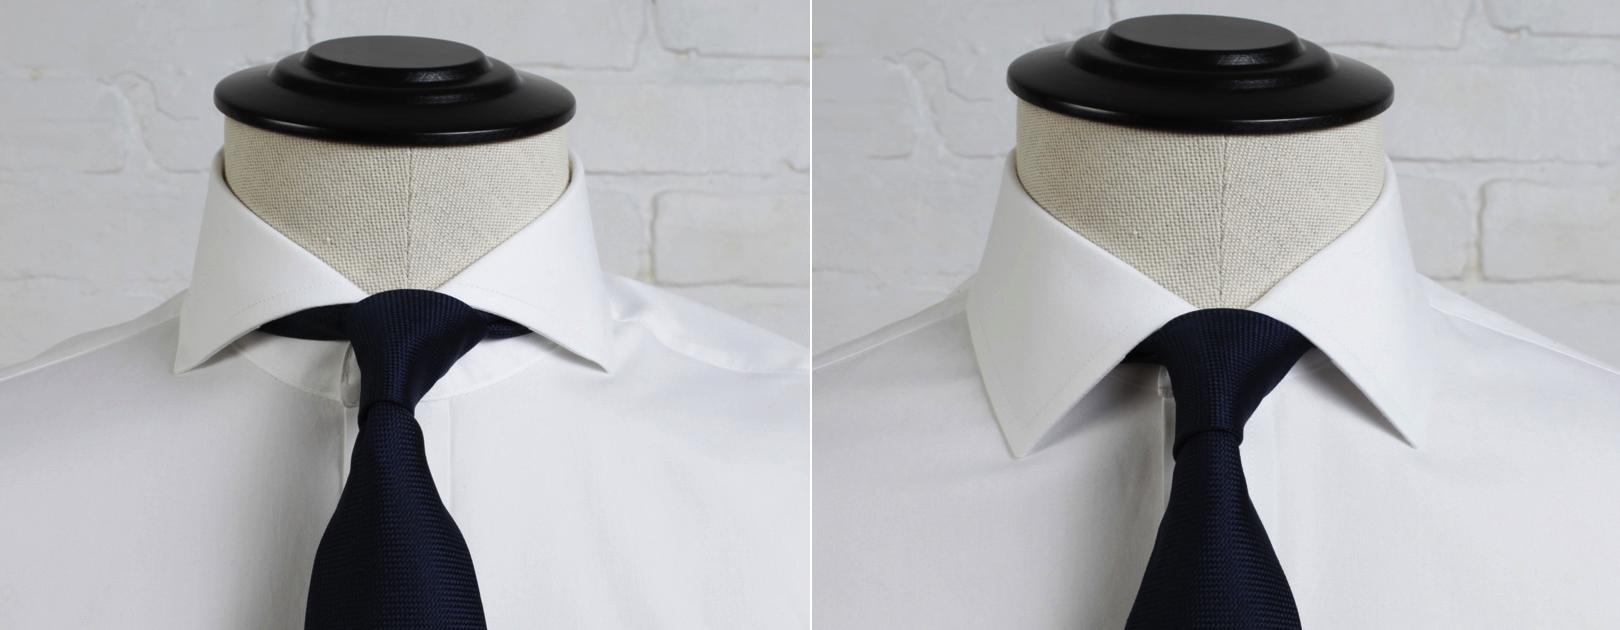 cutaway versus spread collar